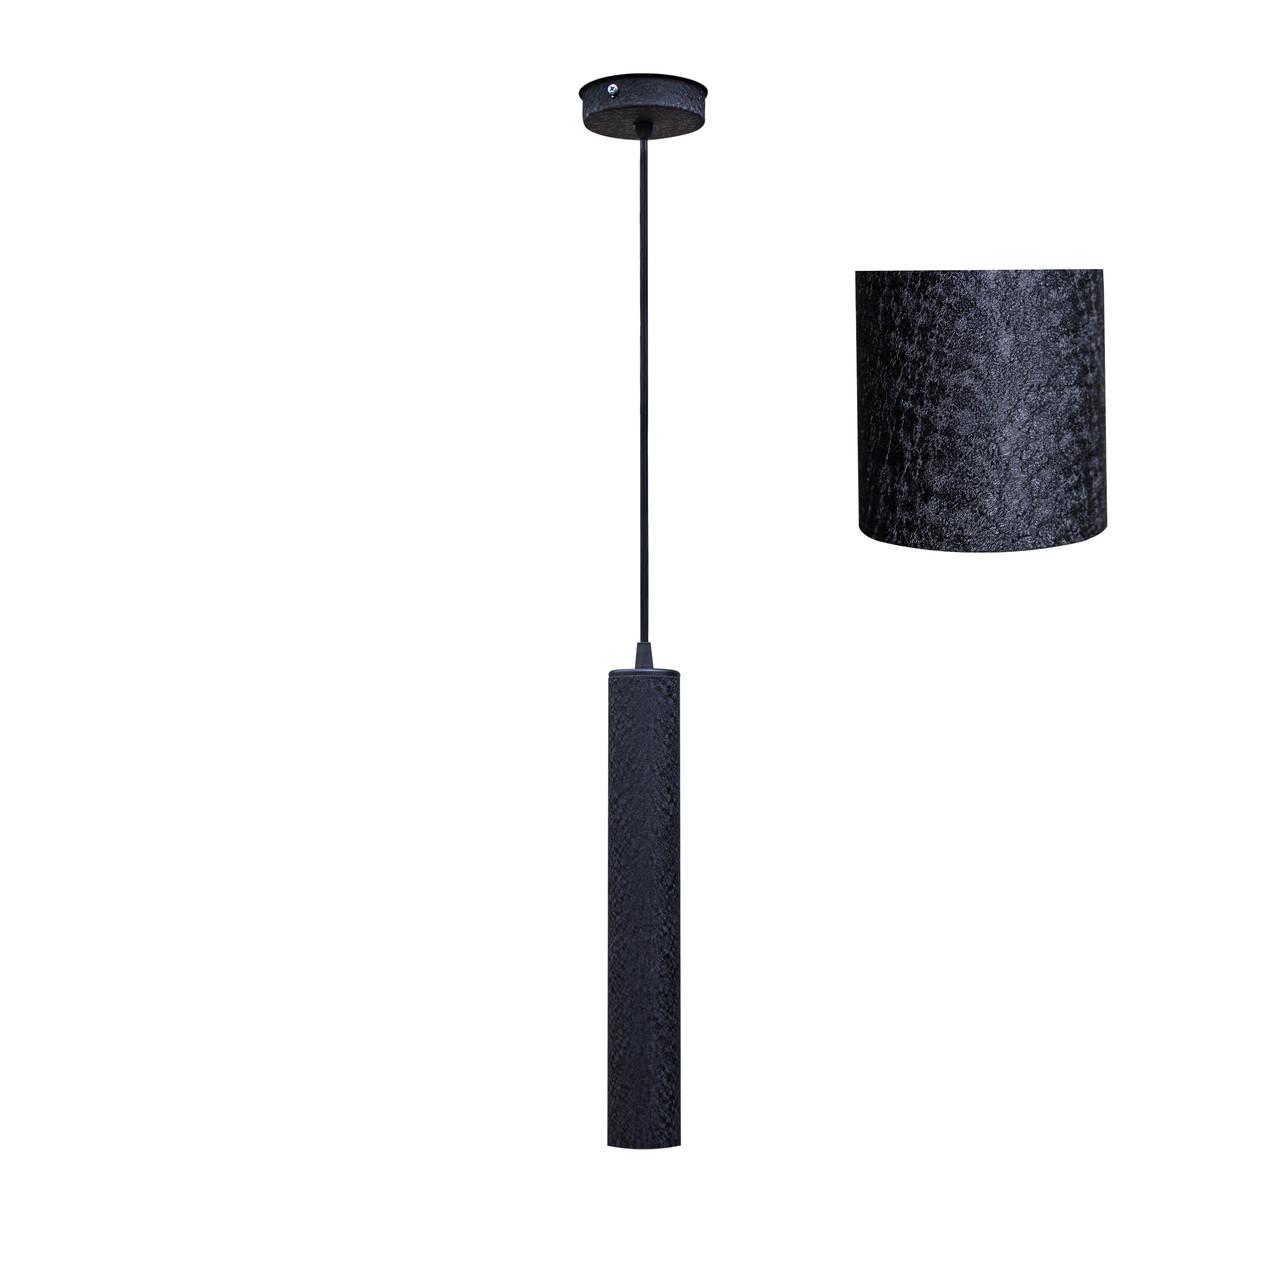 Светильник подвесной в стиле лофт  Трубка  MR 3522 BK